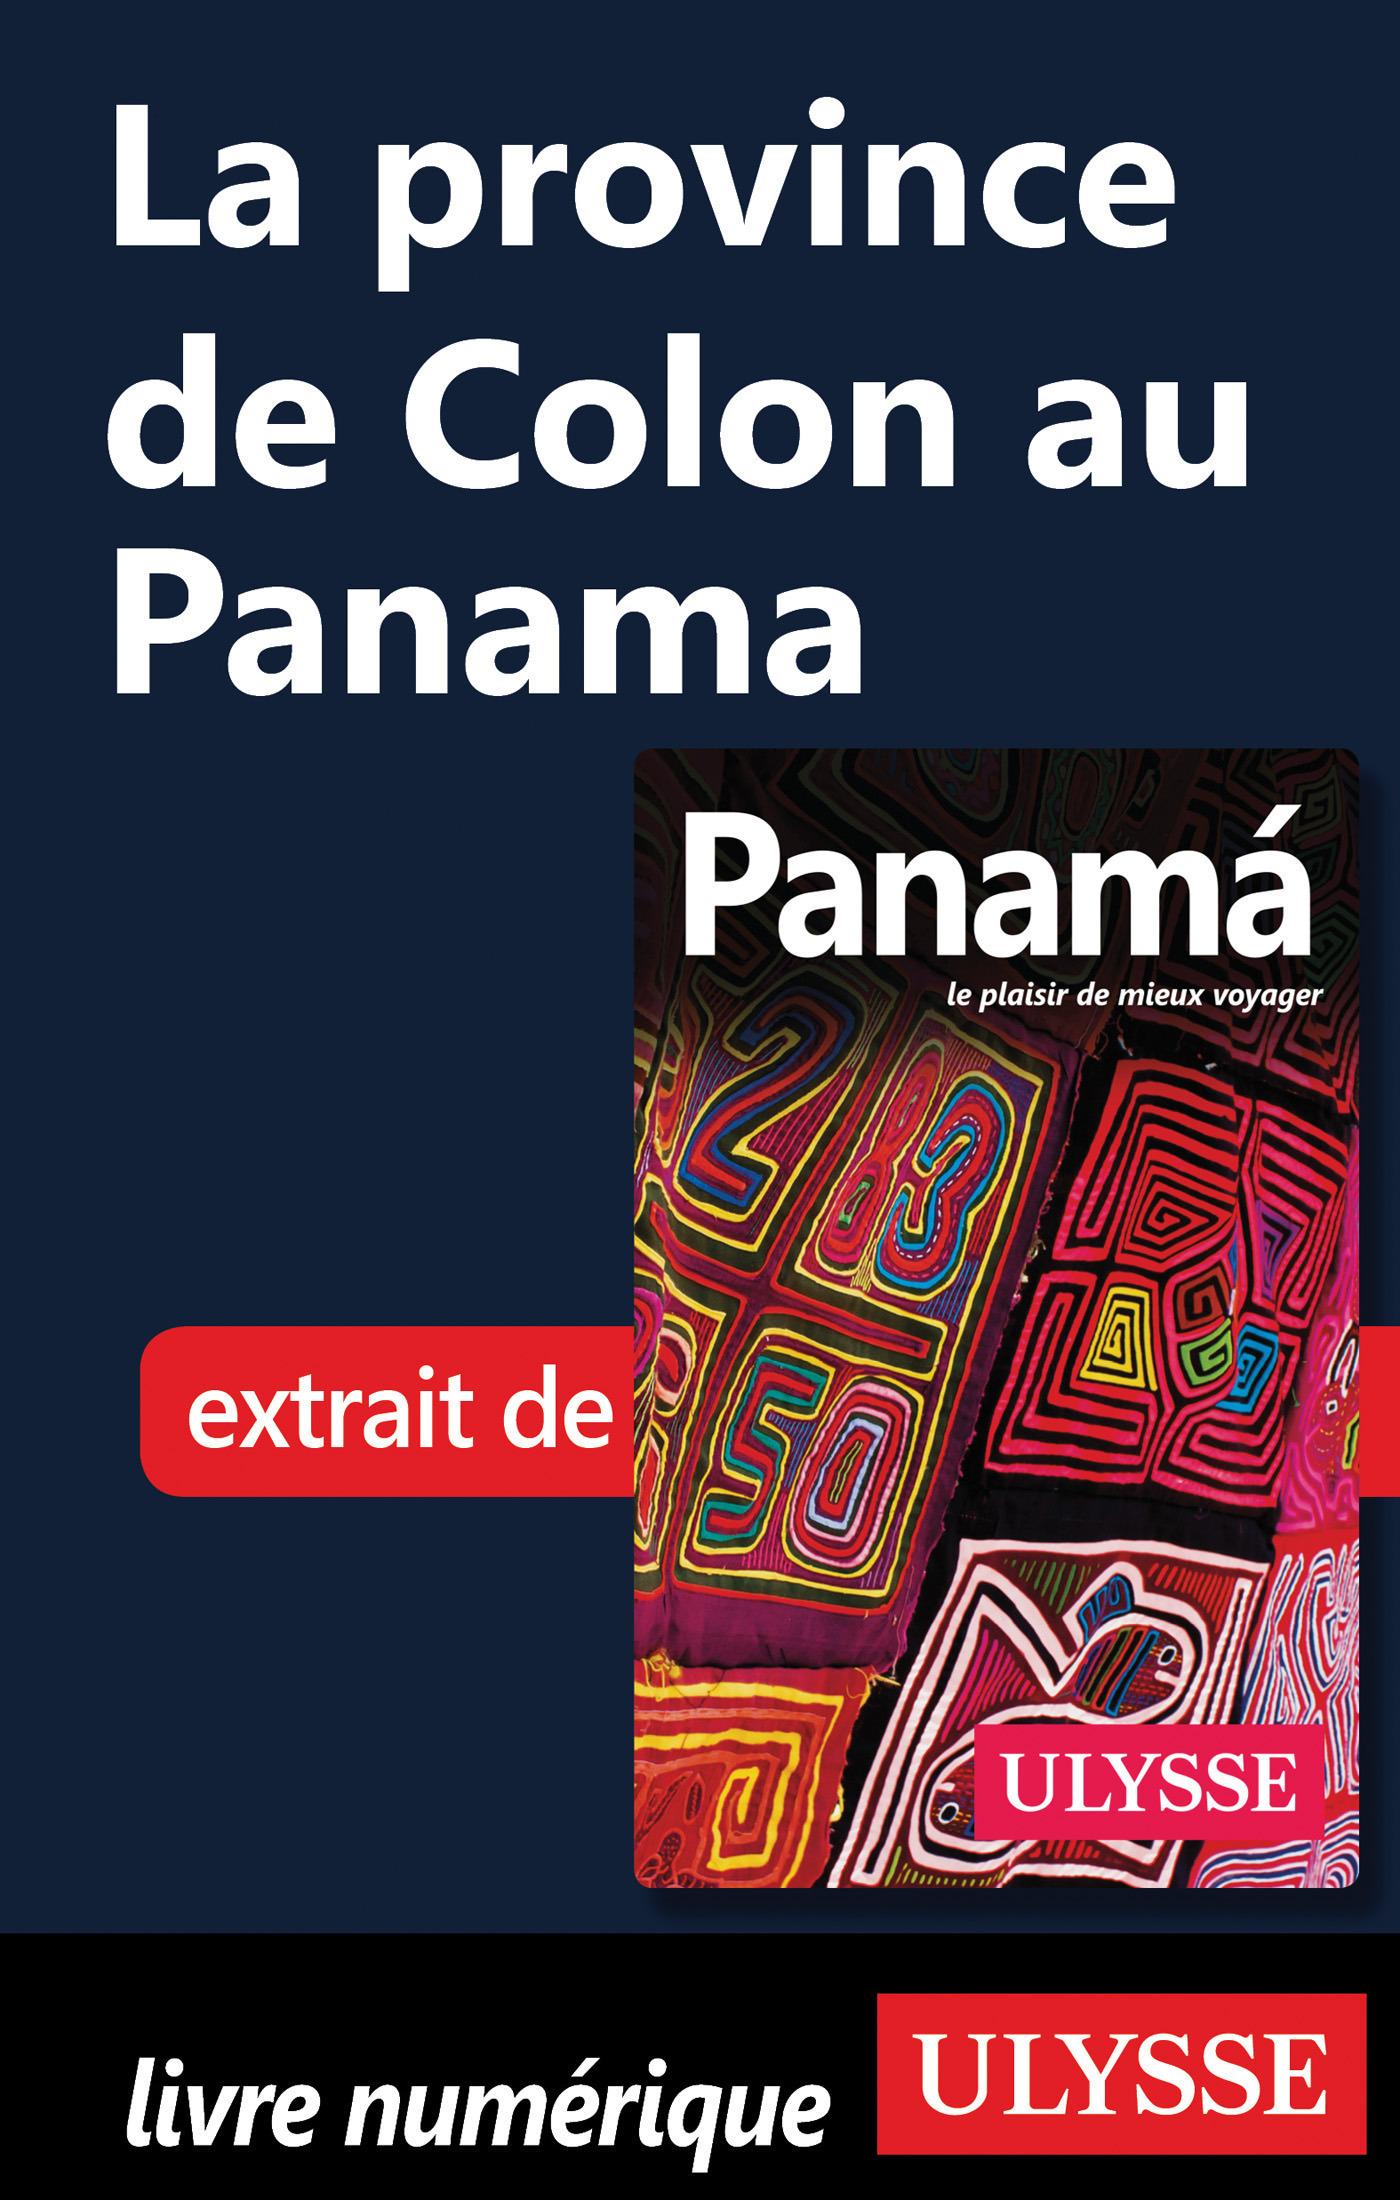 La province de Colon au Panama